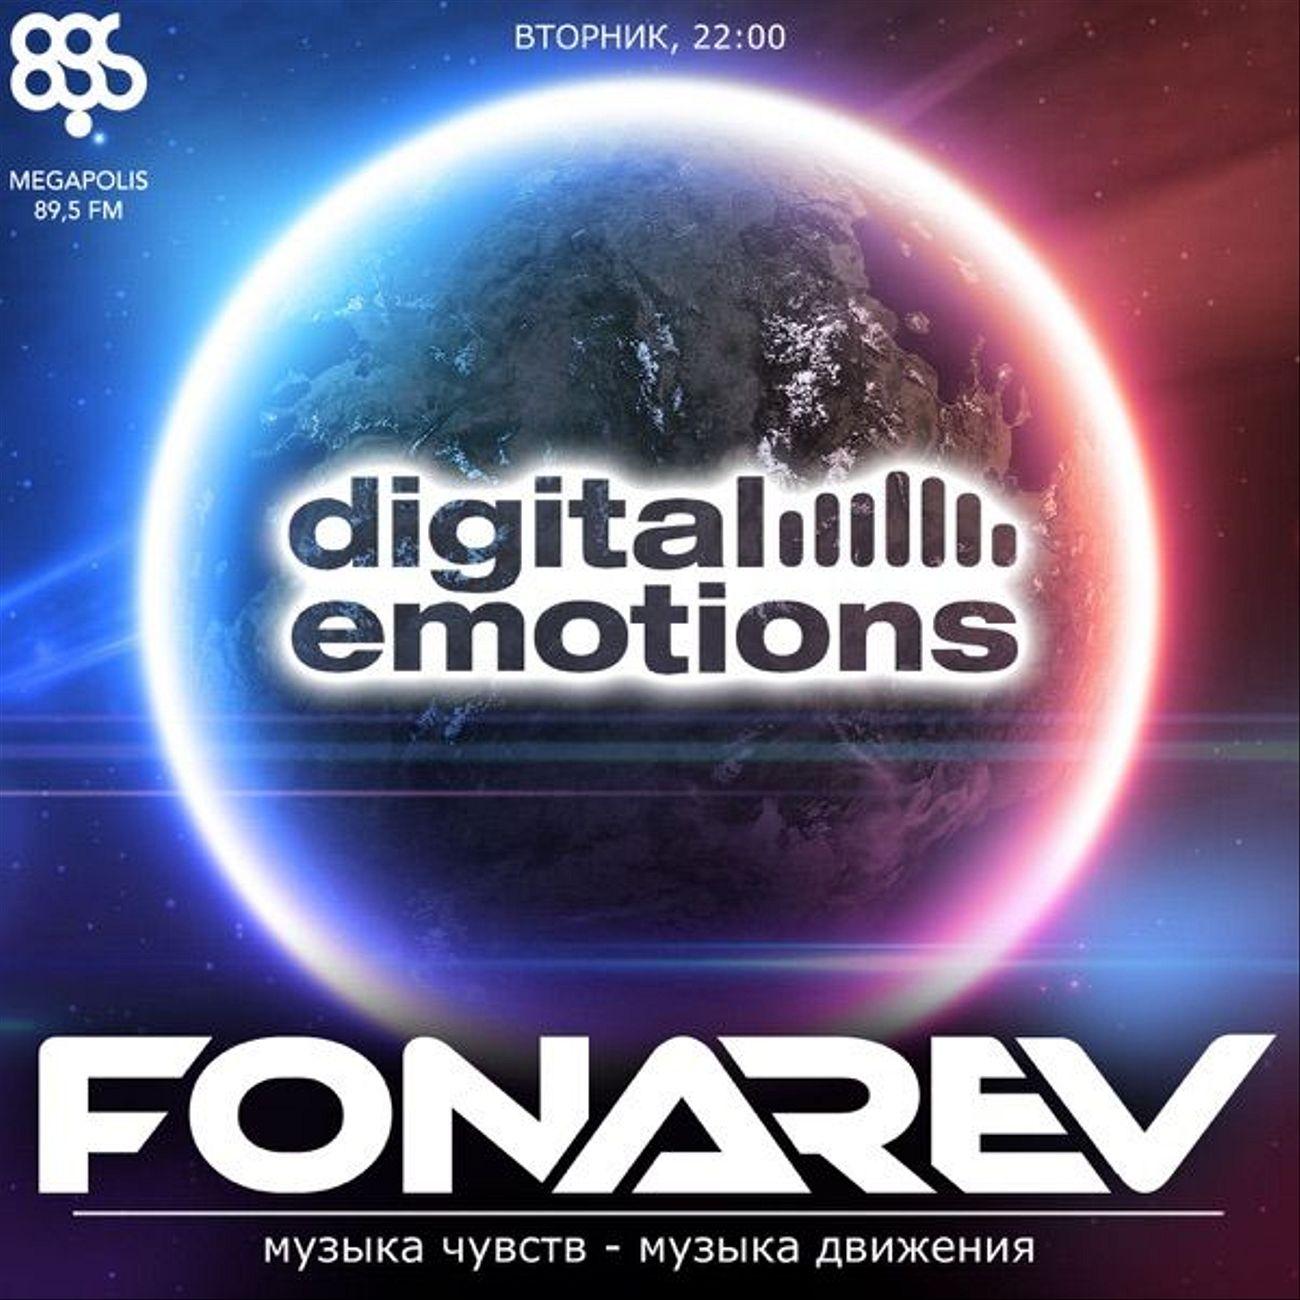 Fonarev: Digital Emotions